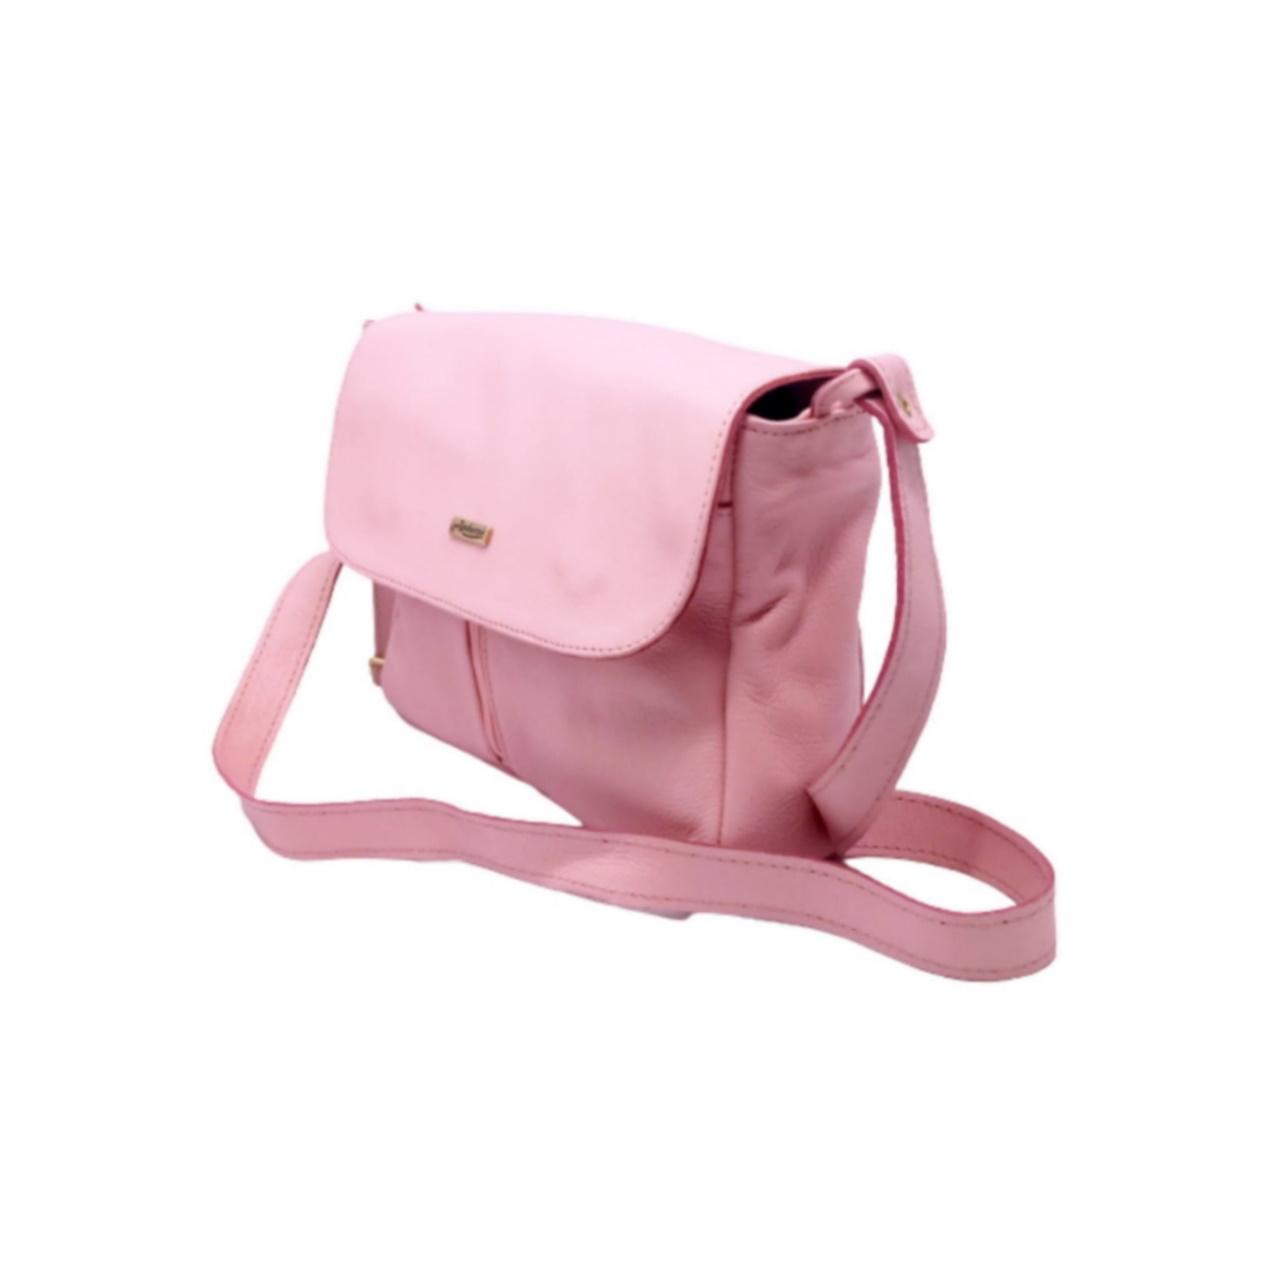 Bolsa de Couro Feminina Pink